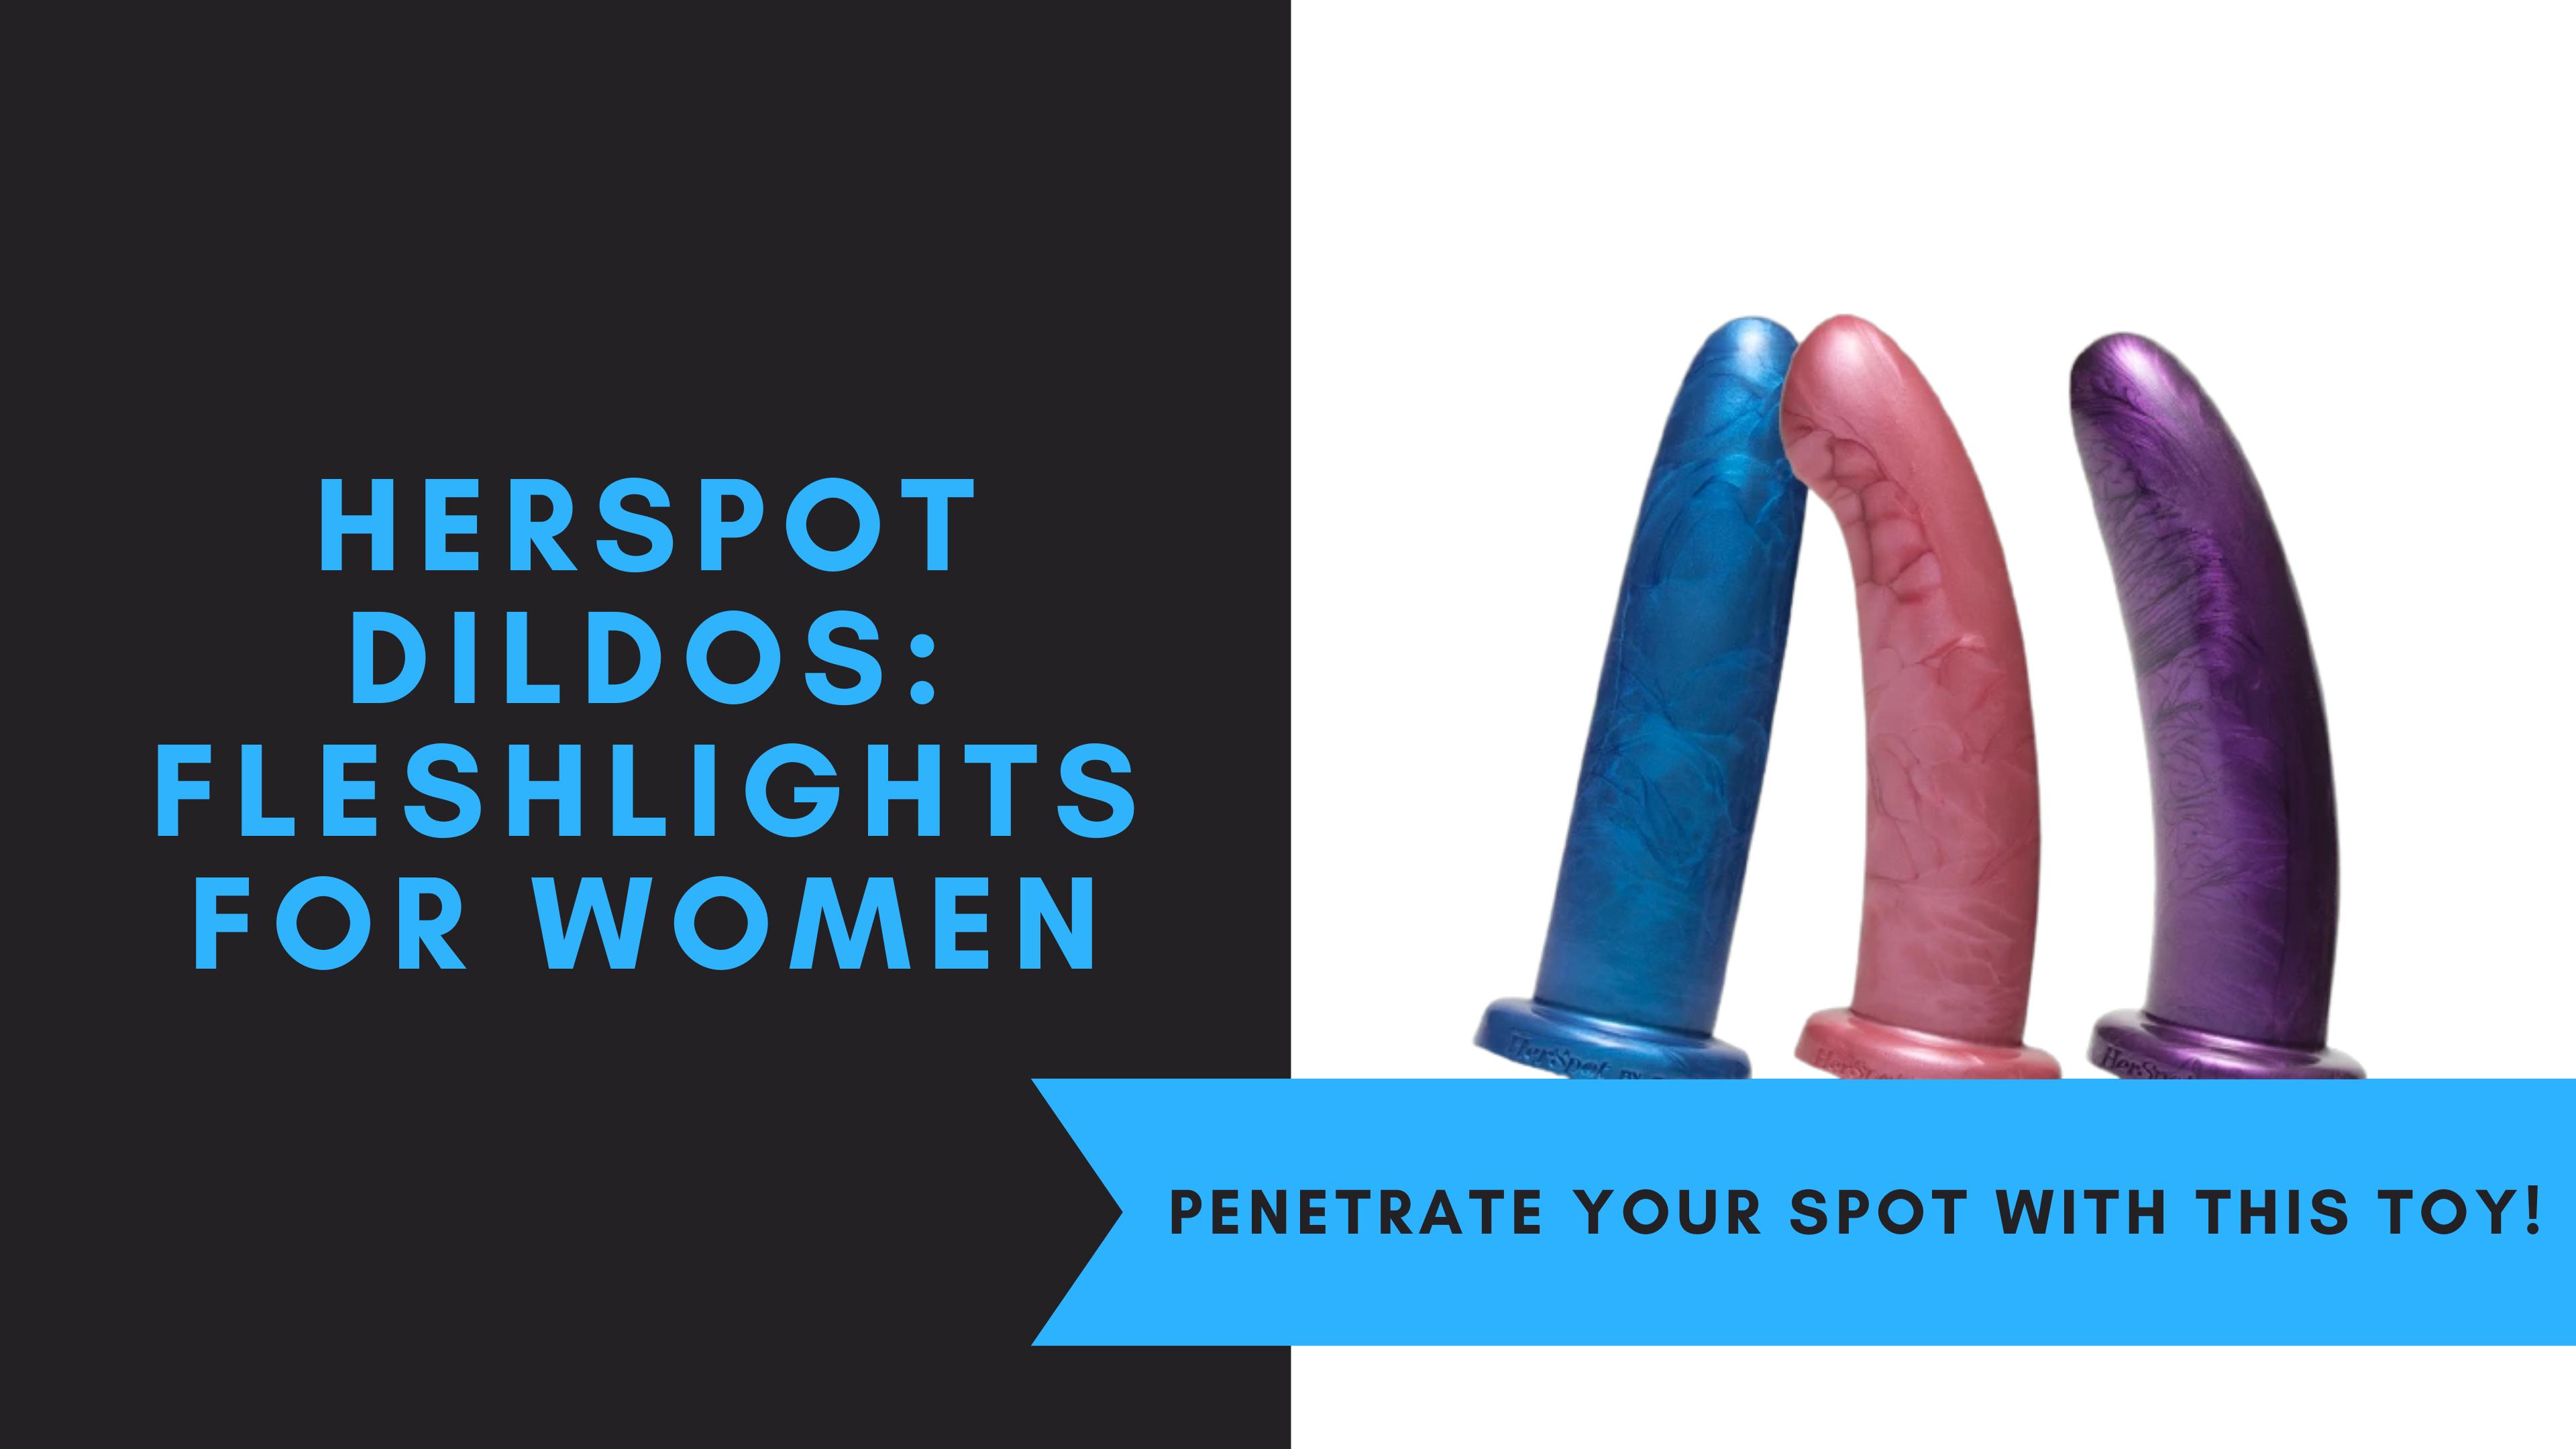 HerSpot Dildos: Fleshlights for Women